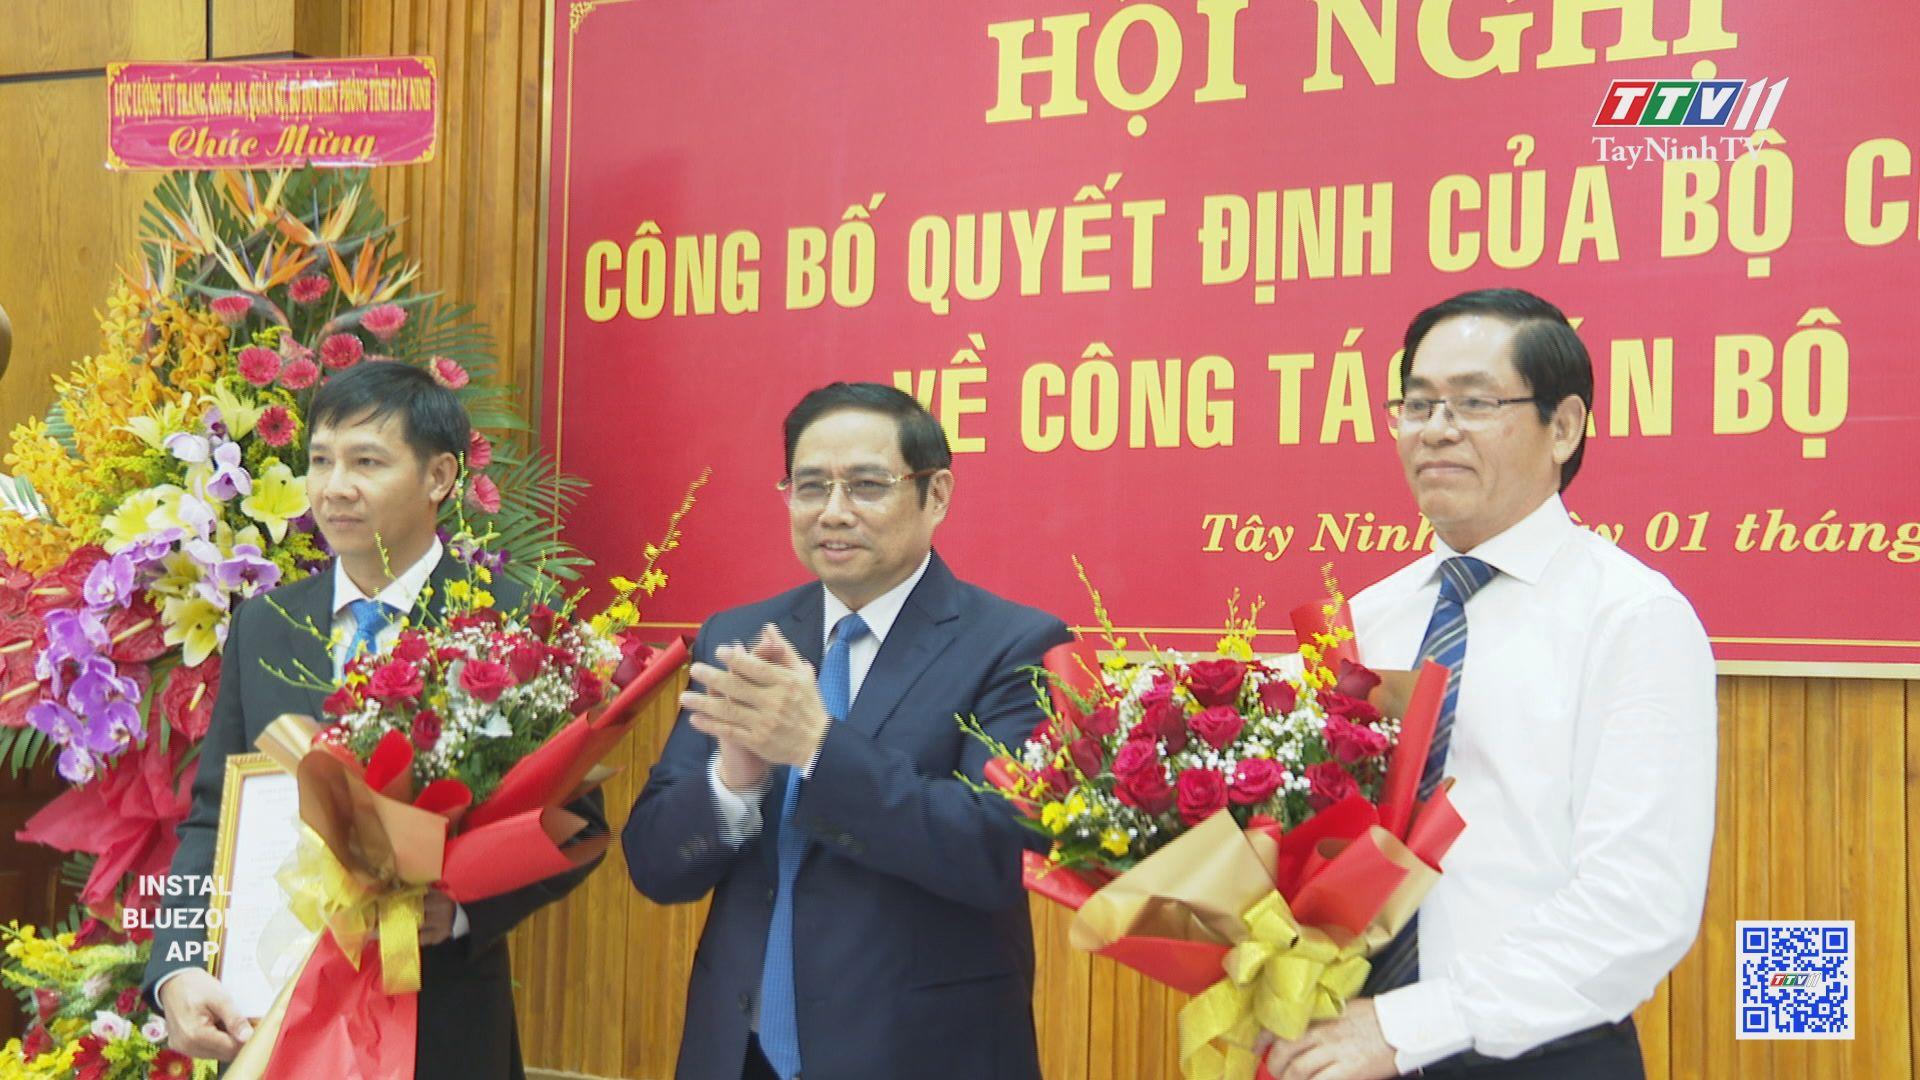 Công bố Quyết định của Bộ Chính trị về công tác cán bộ | TayNinhTV